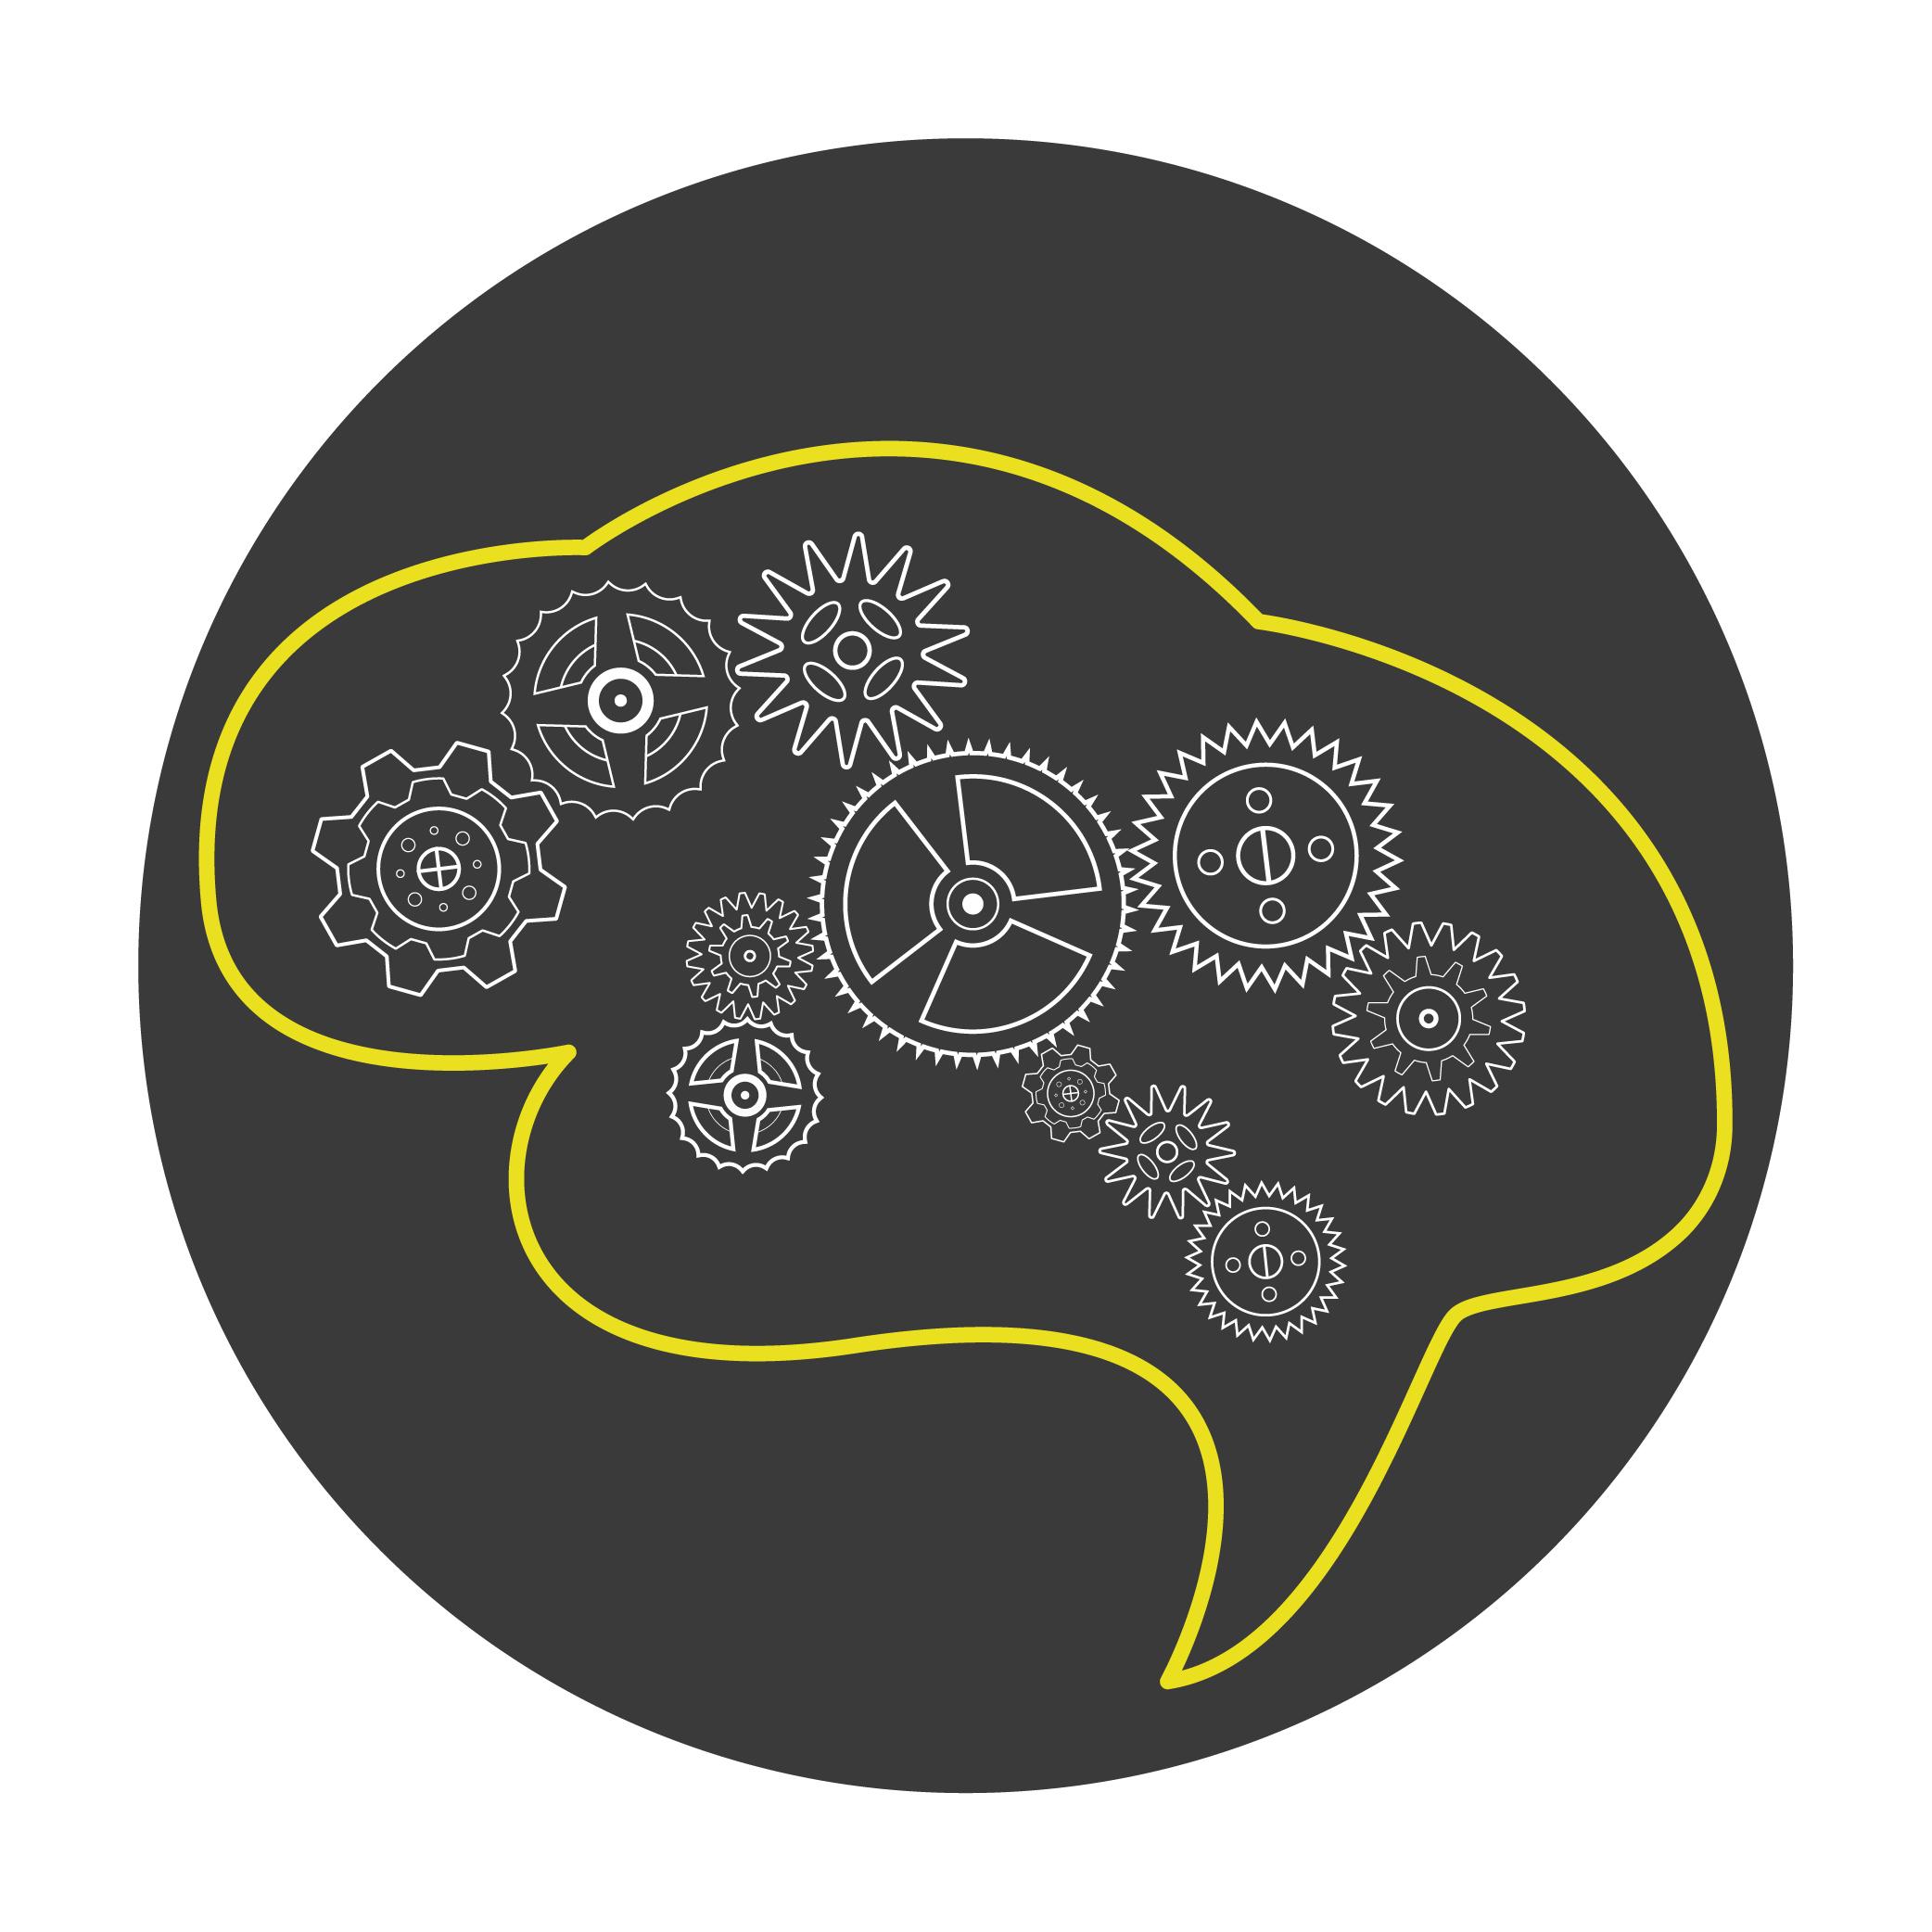 Разработать логотип для Онлайн-школы и сообщества фото f_5445bc0f9d056701.jpg